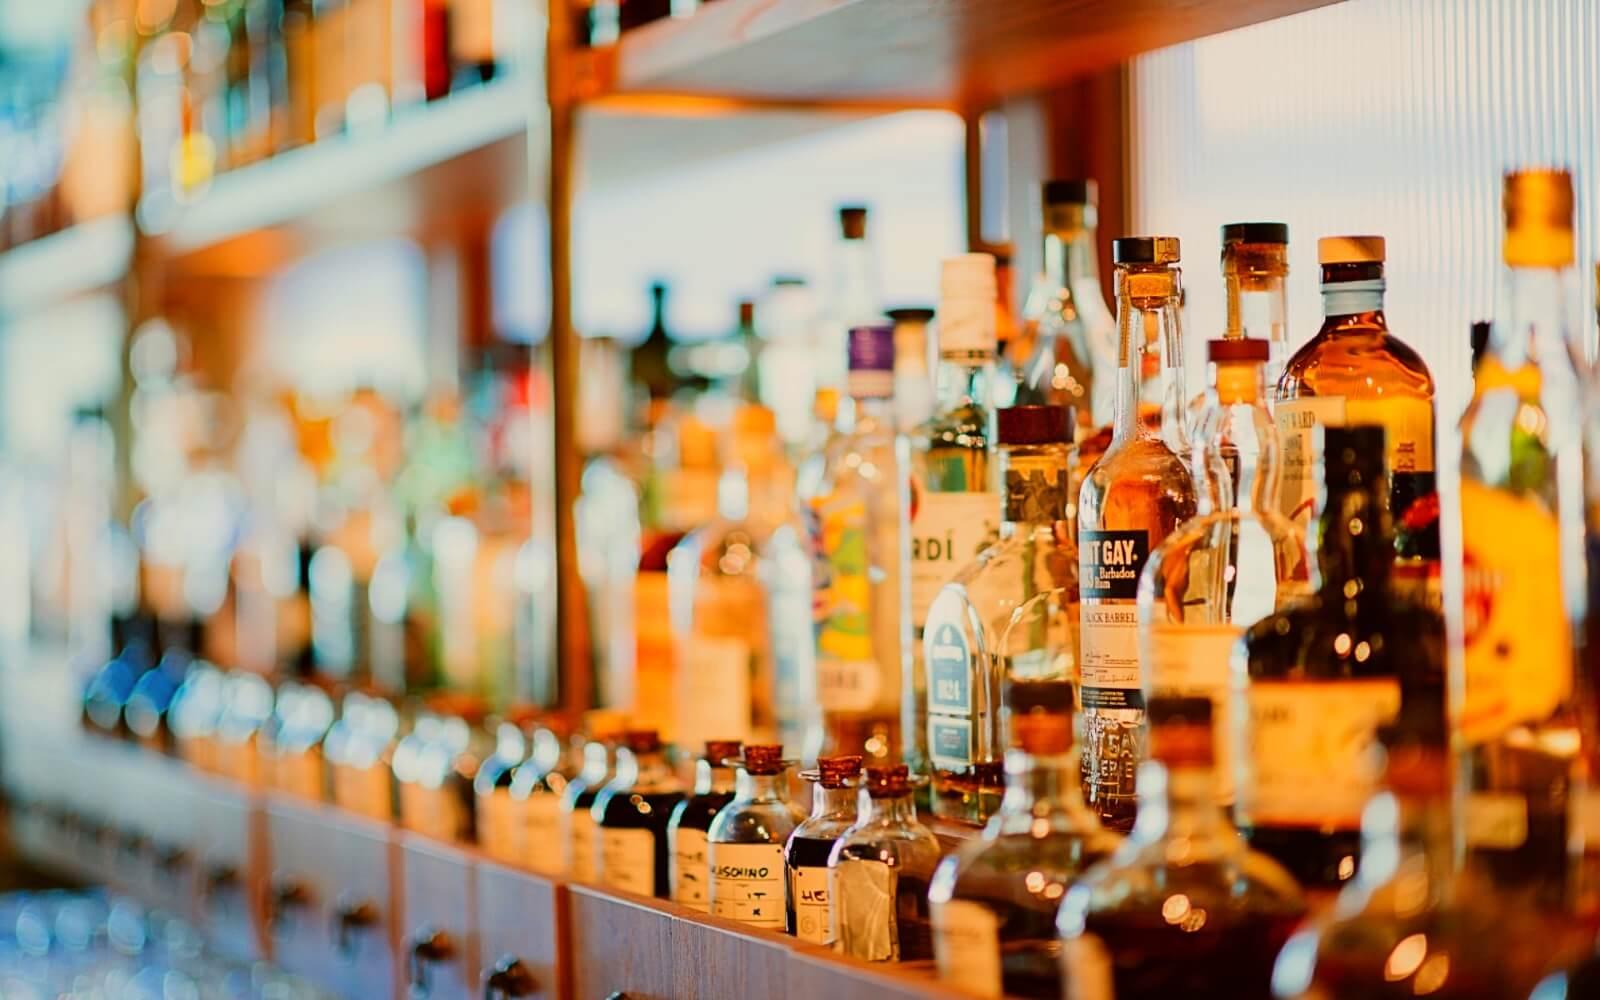 Bottles behind a bar